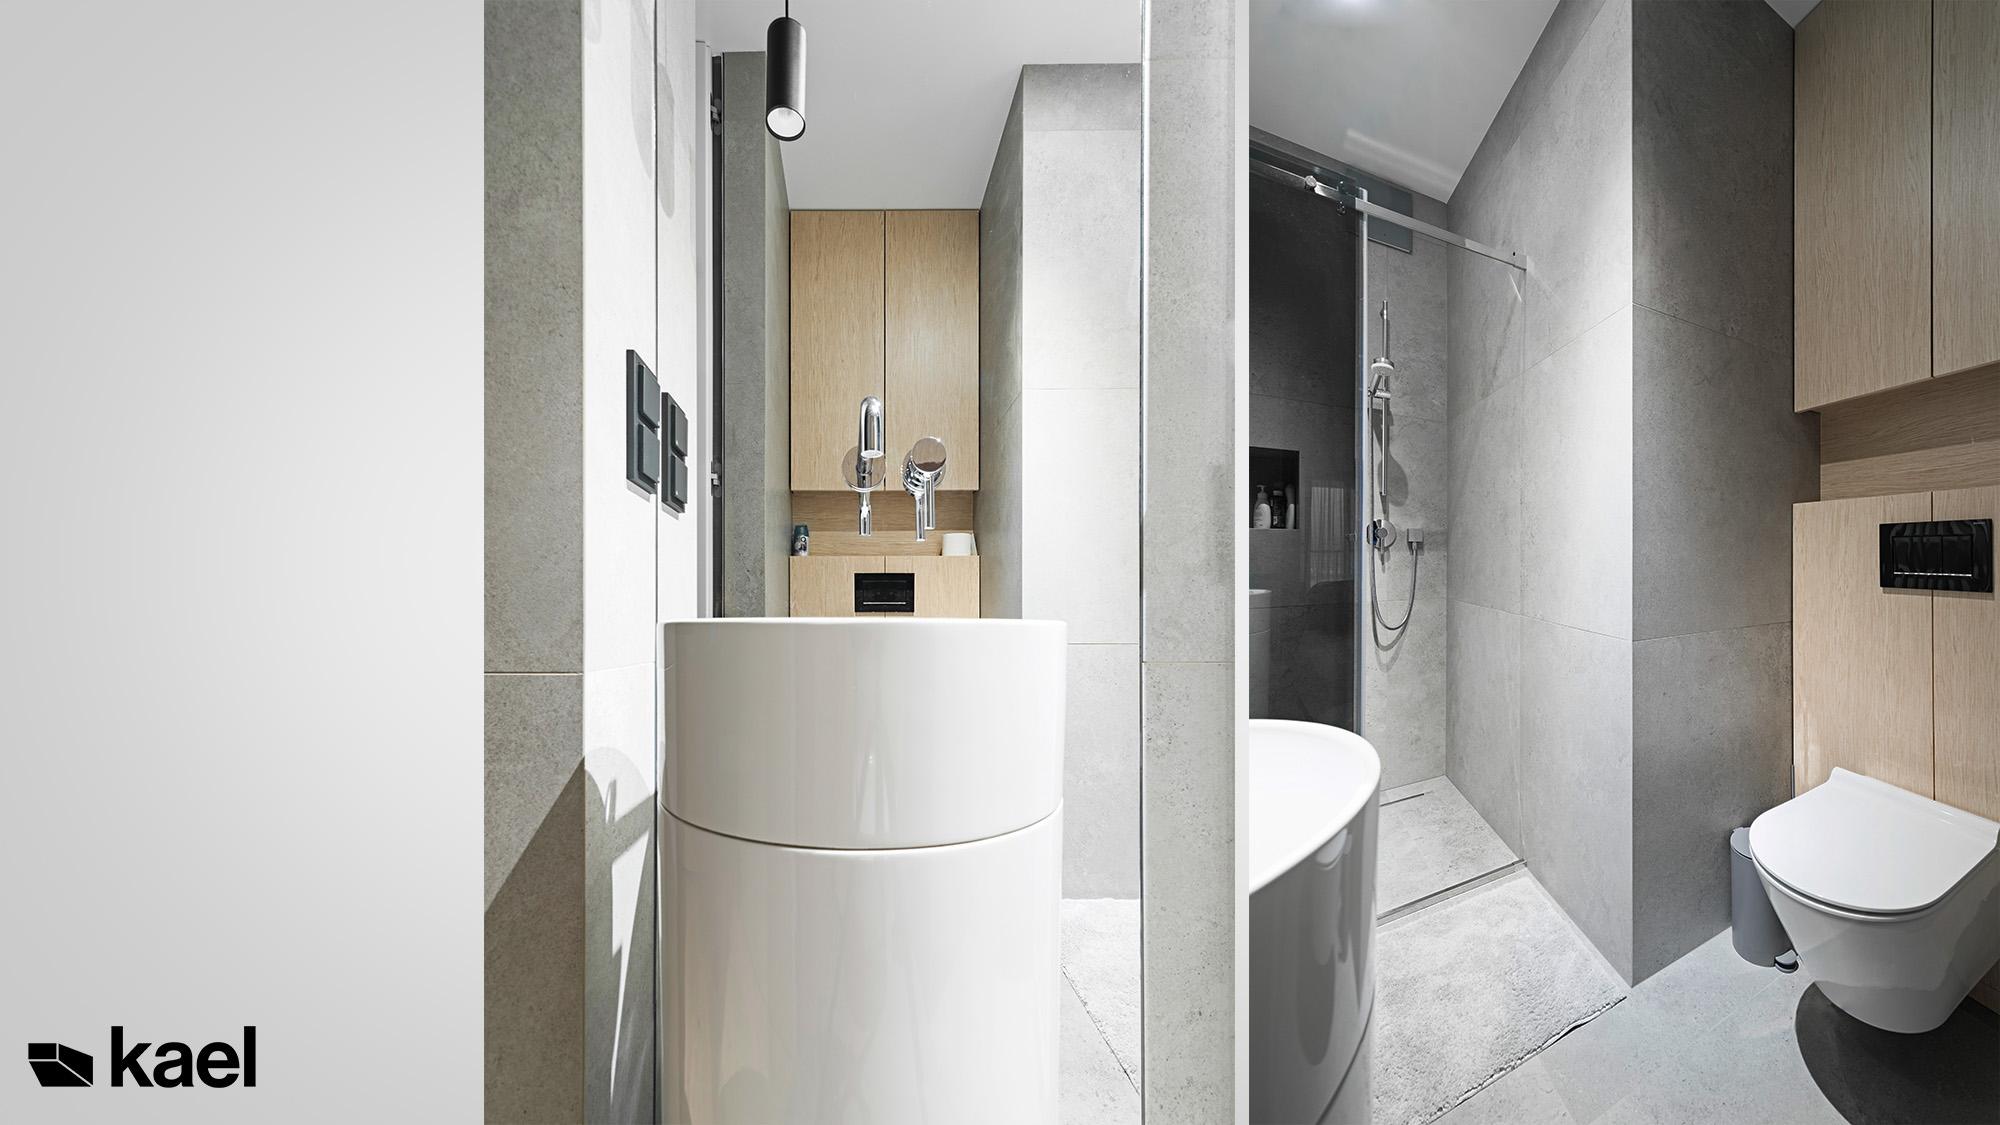 44t-projektowanie-wnetrz-warszawa-mozaikamokotow-kael-architekci